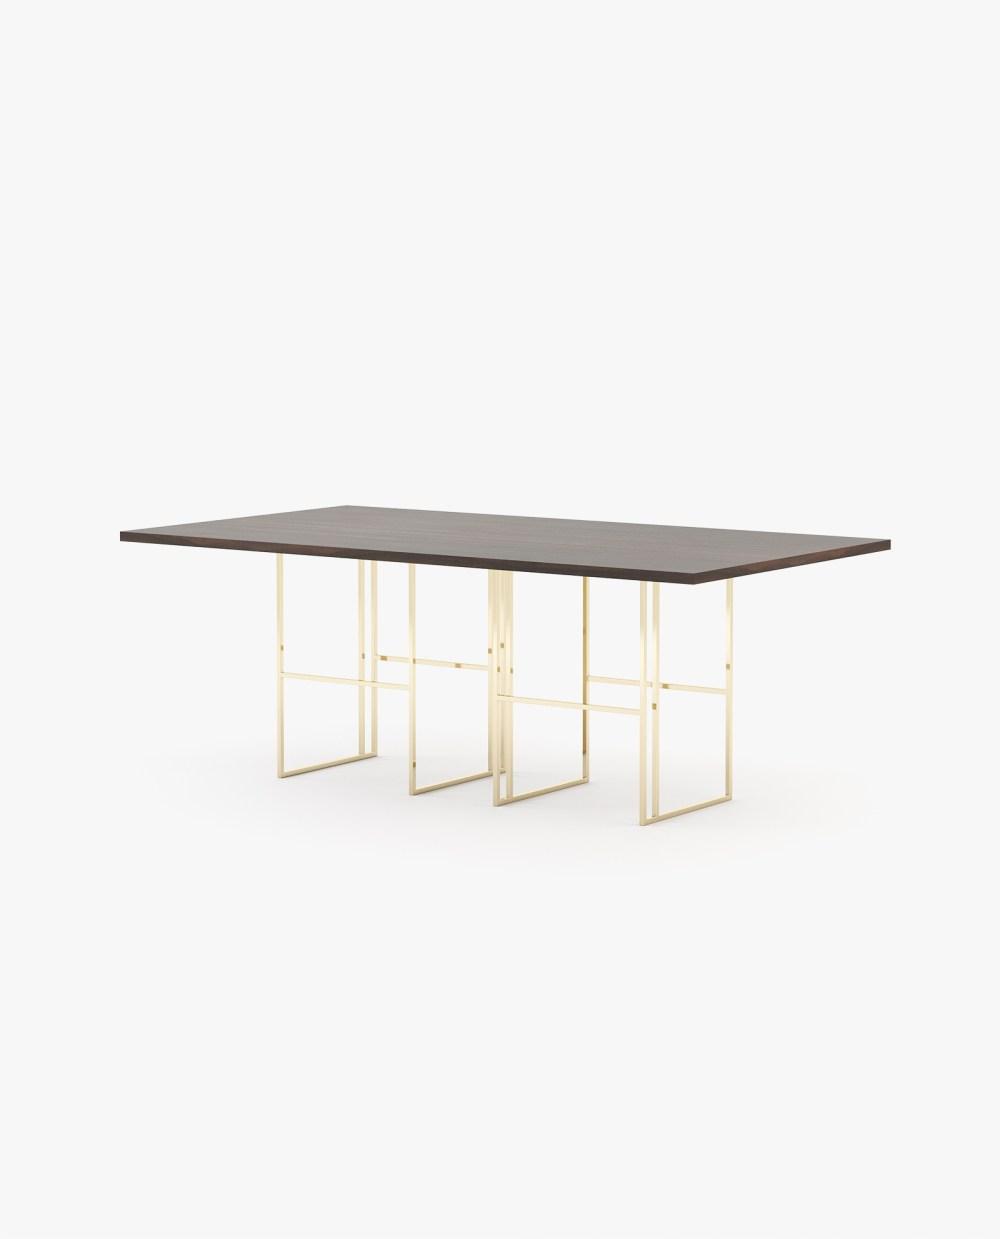 mesa de jantar com madeira e inox dourado